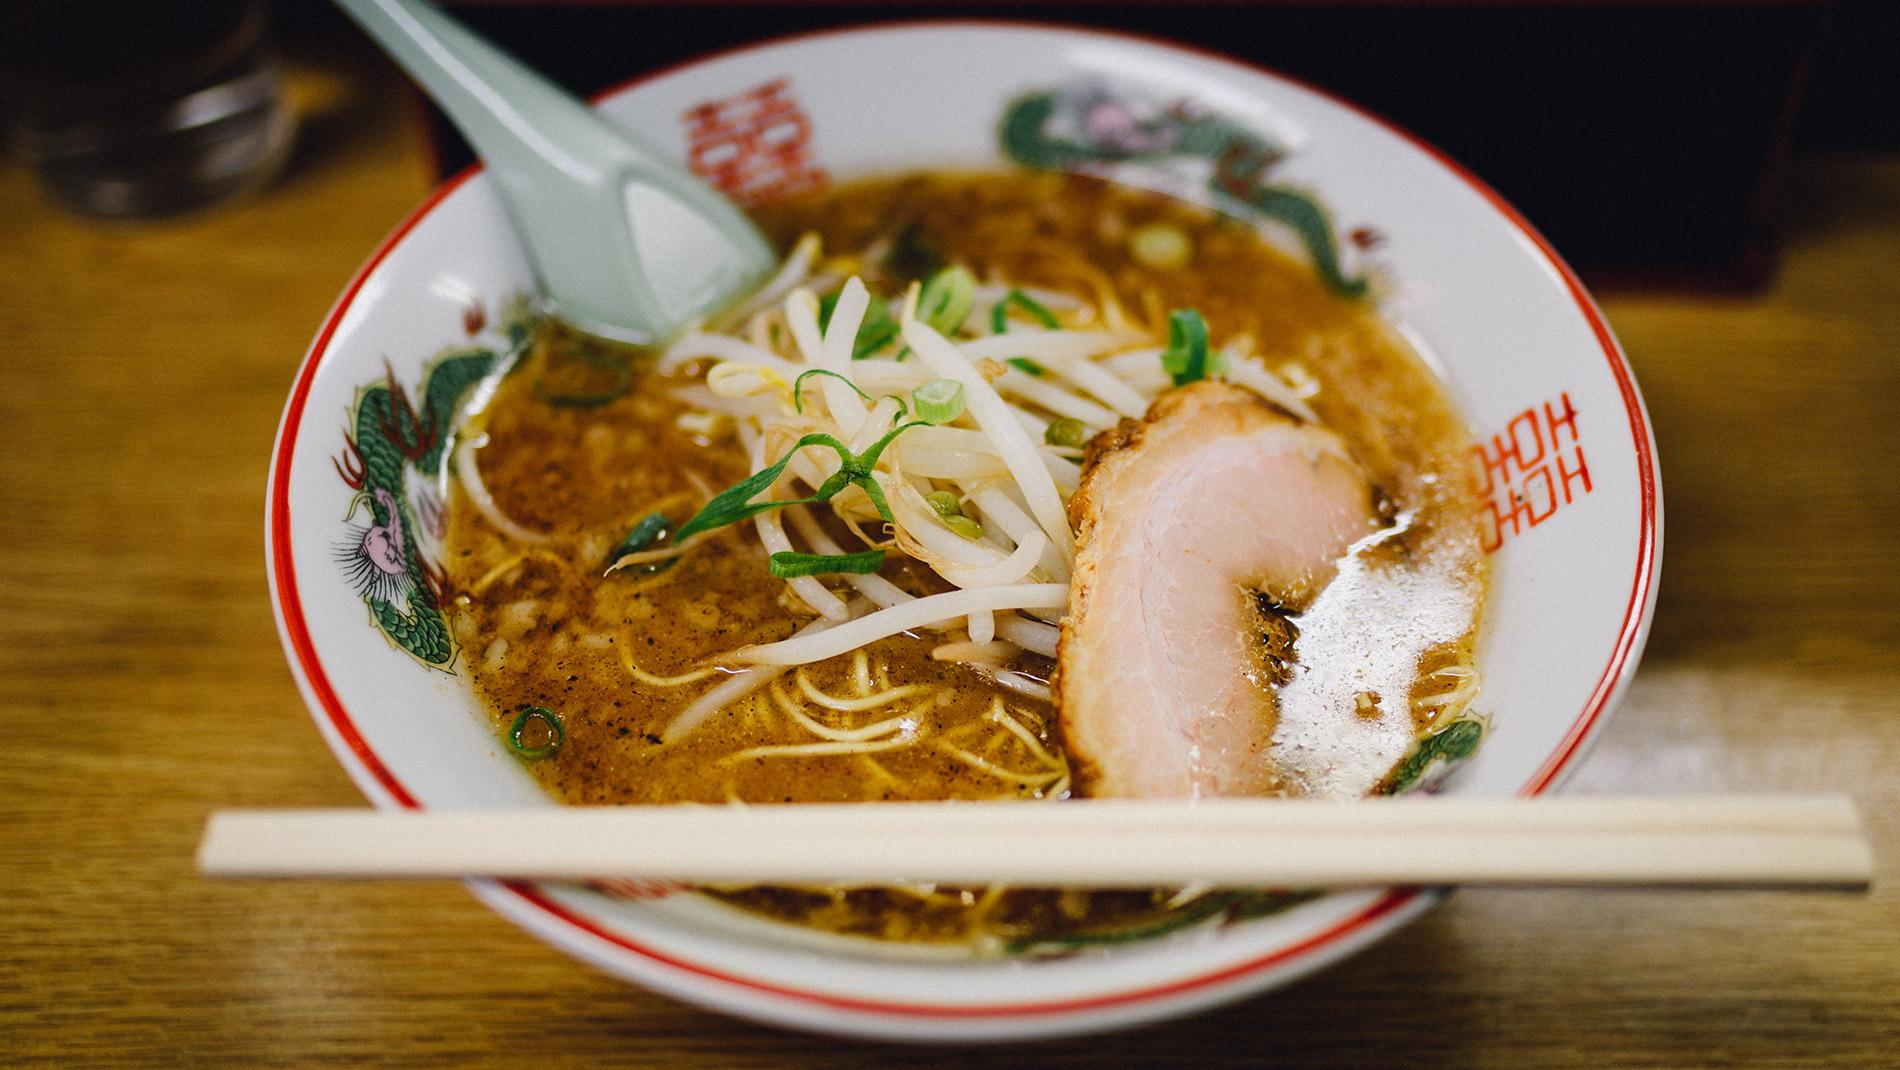 Das liebste Essen vieler Japanheimkehrer: Ramen.